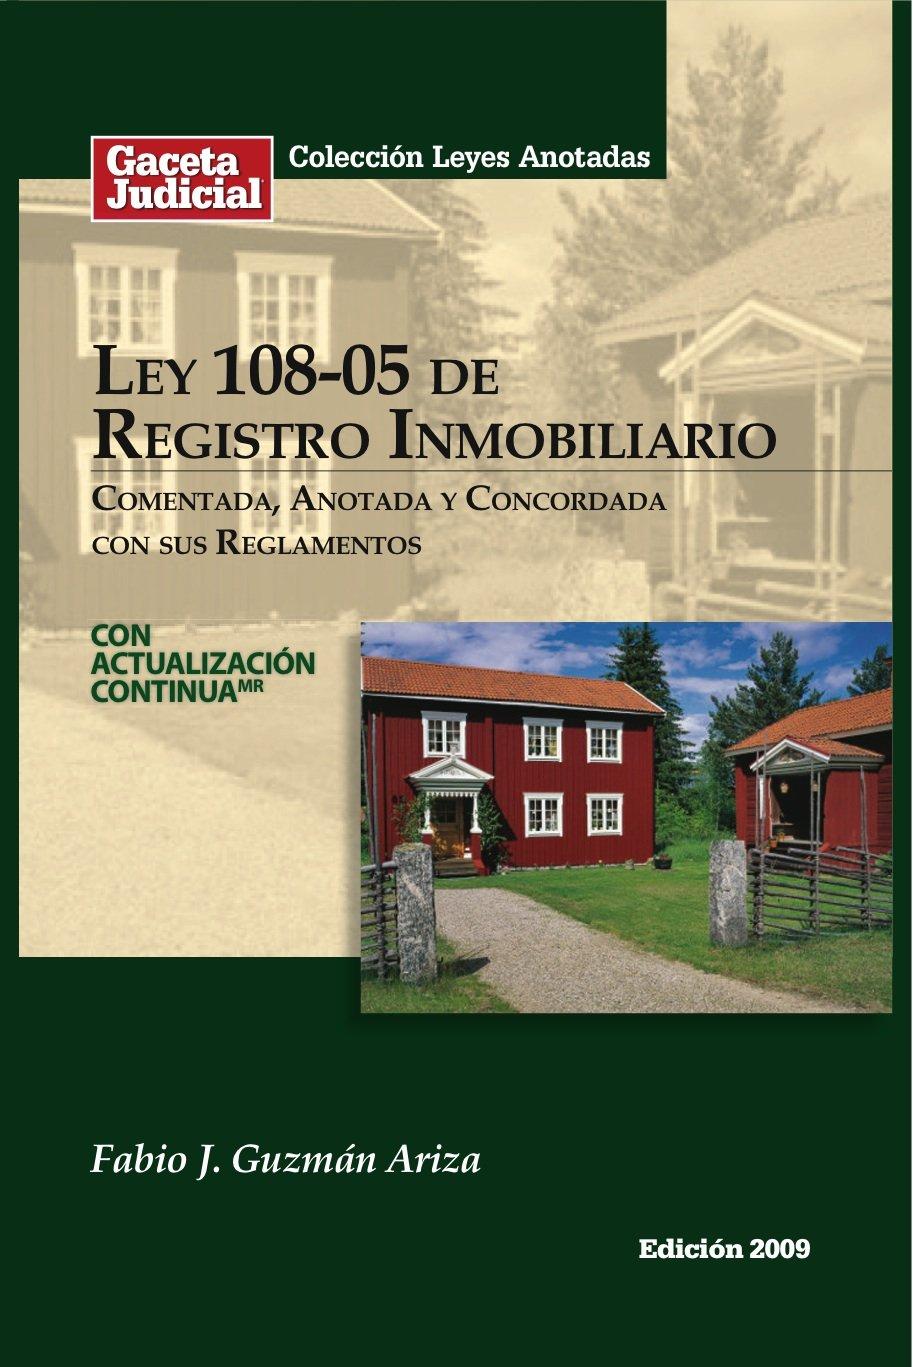 Ley 108 05 De Registro Inmobiliario Comentada Anotada Y Concordada Con Sus Reglamentos  República Dominicana   Spanish Edition